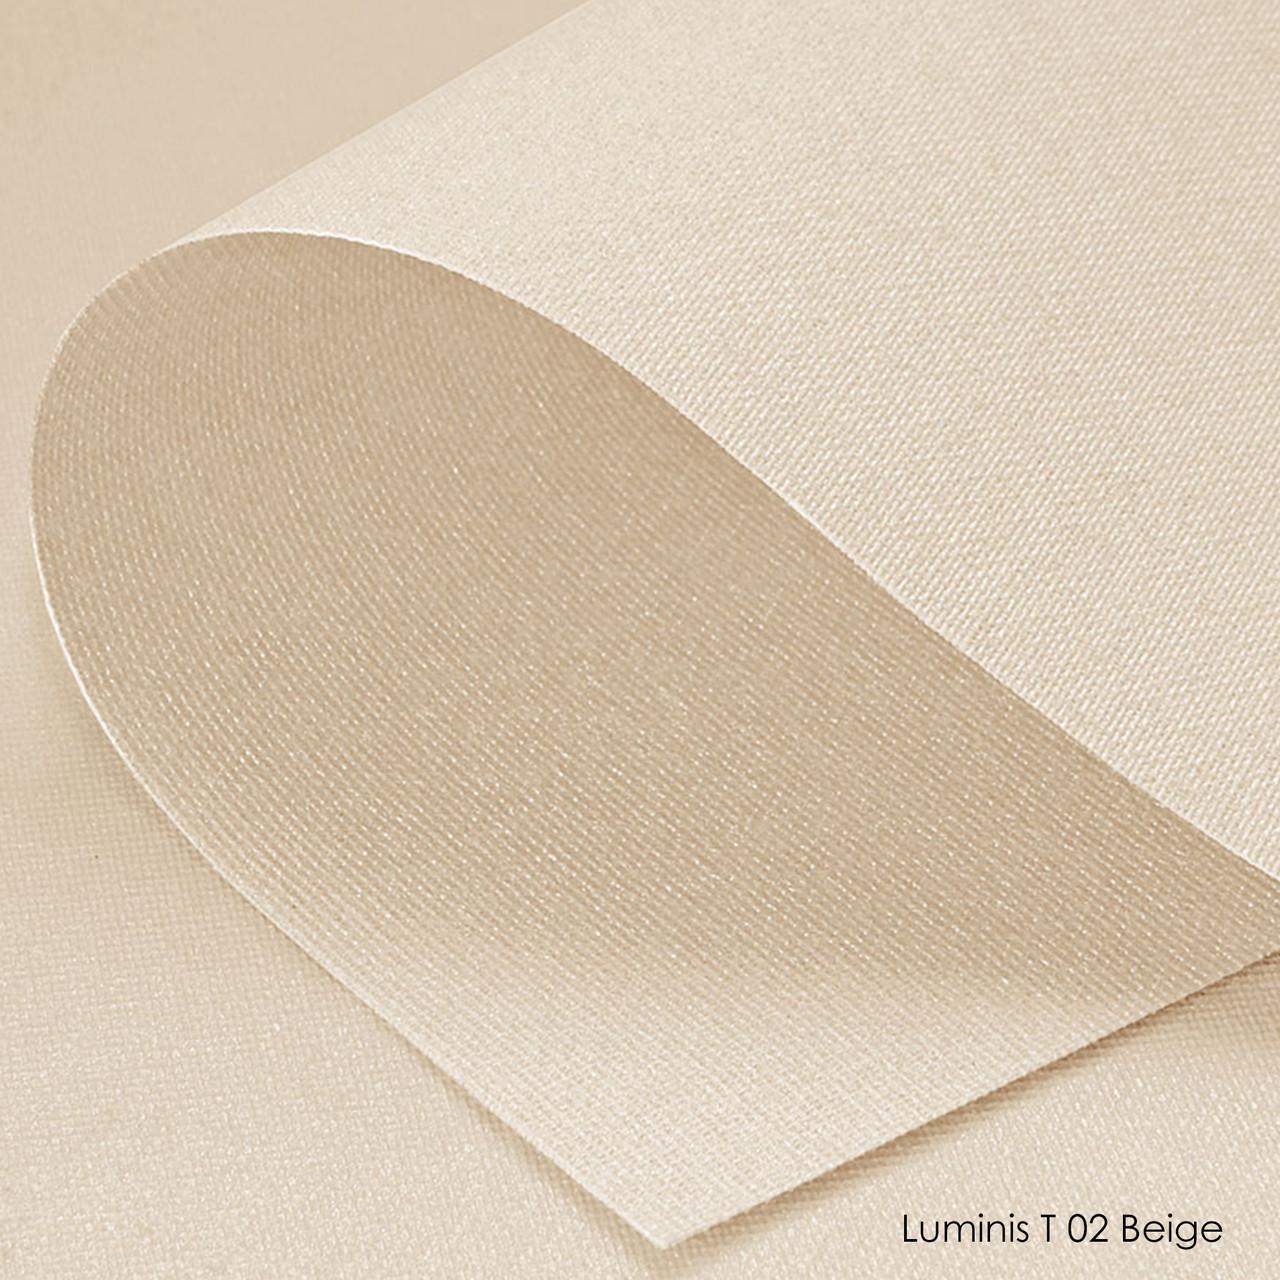 Luminis T-02 beige